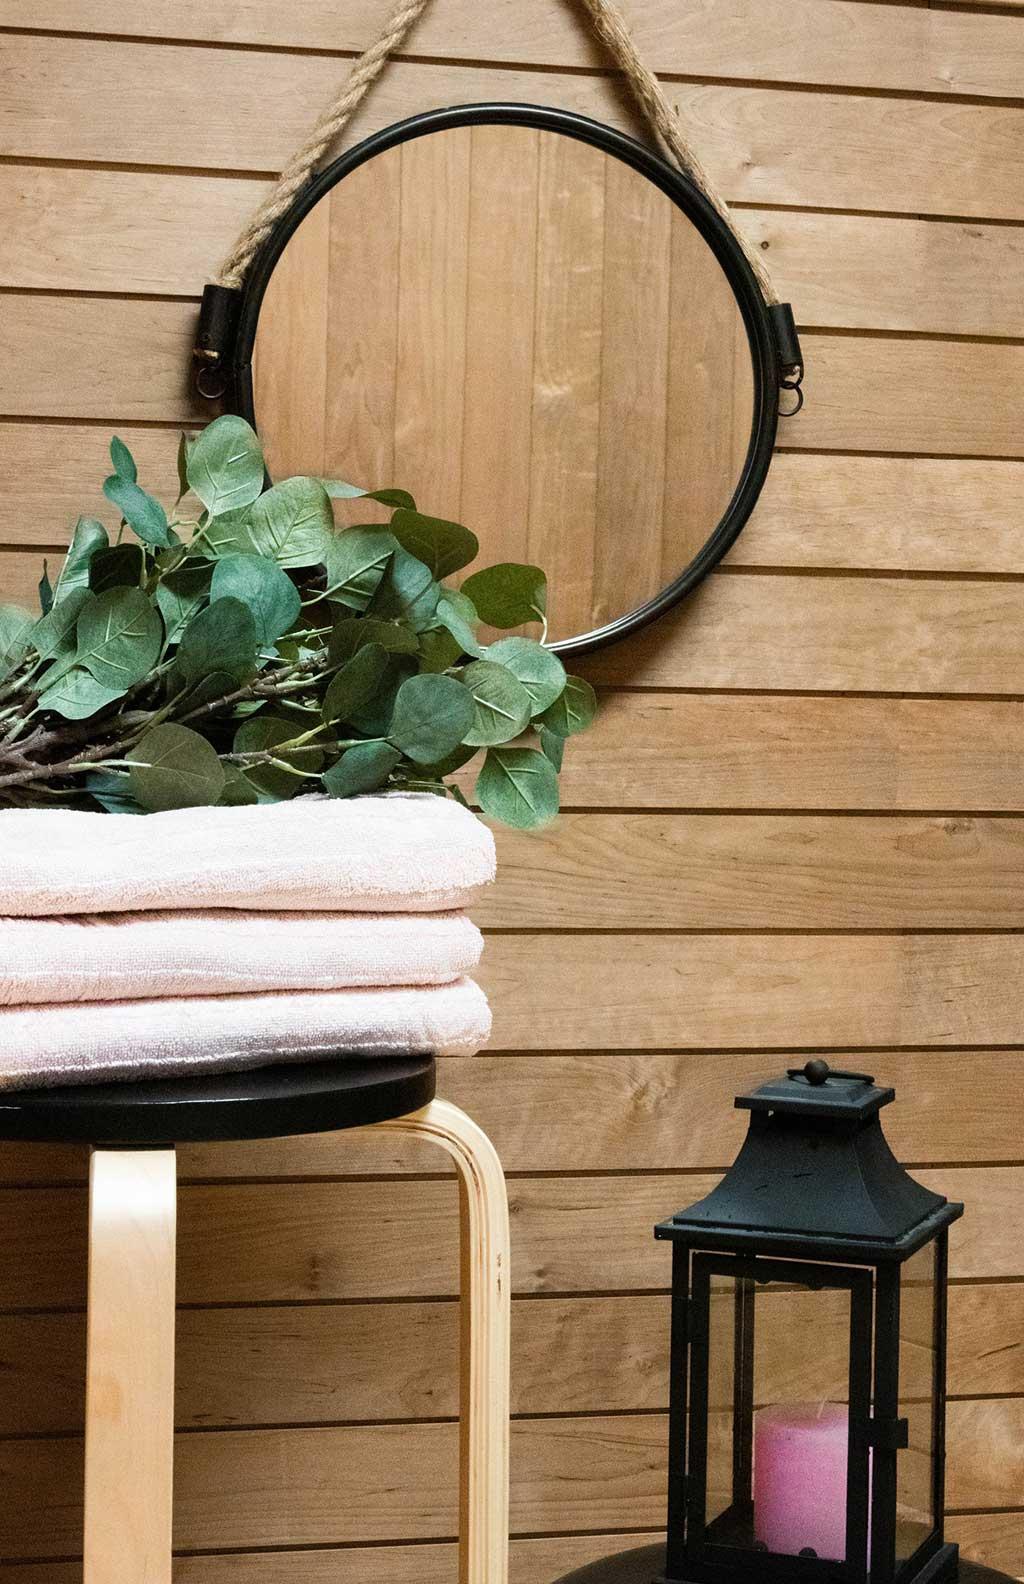 Oksaton, pihkaton paneeli sopii seinämateriaaliksi. Sen voi myös käsitellä tai maalata.